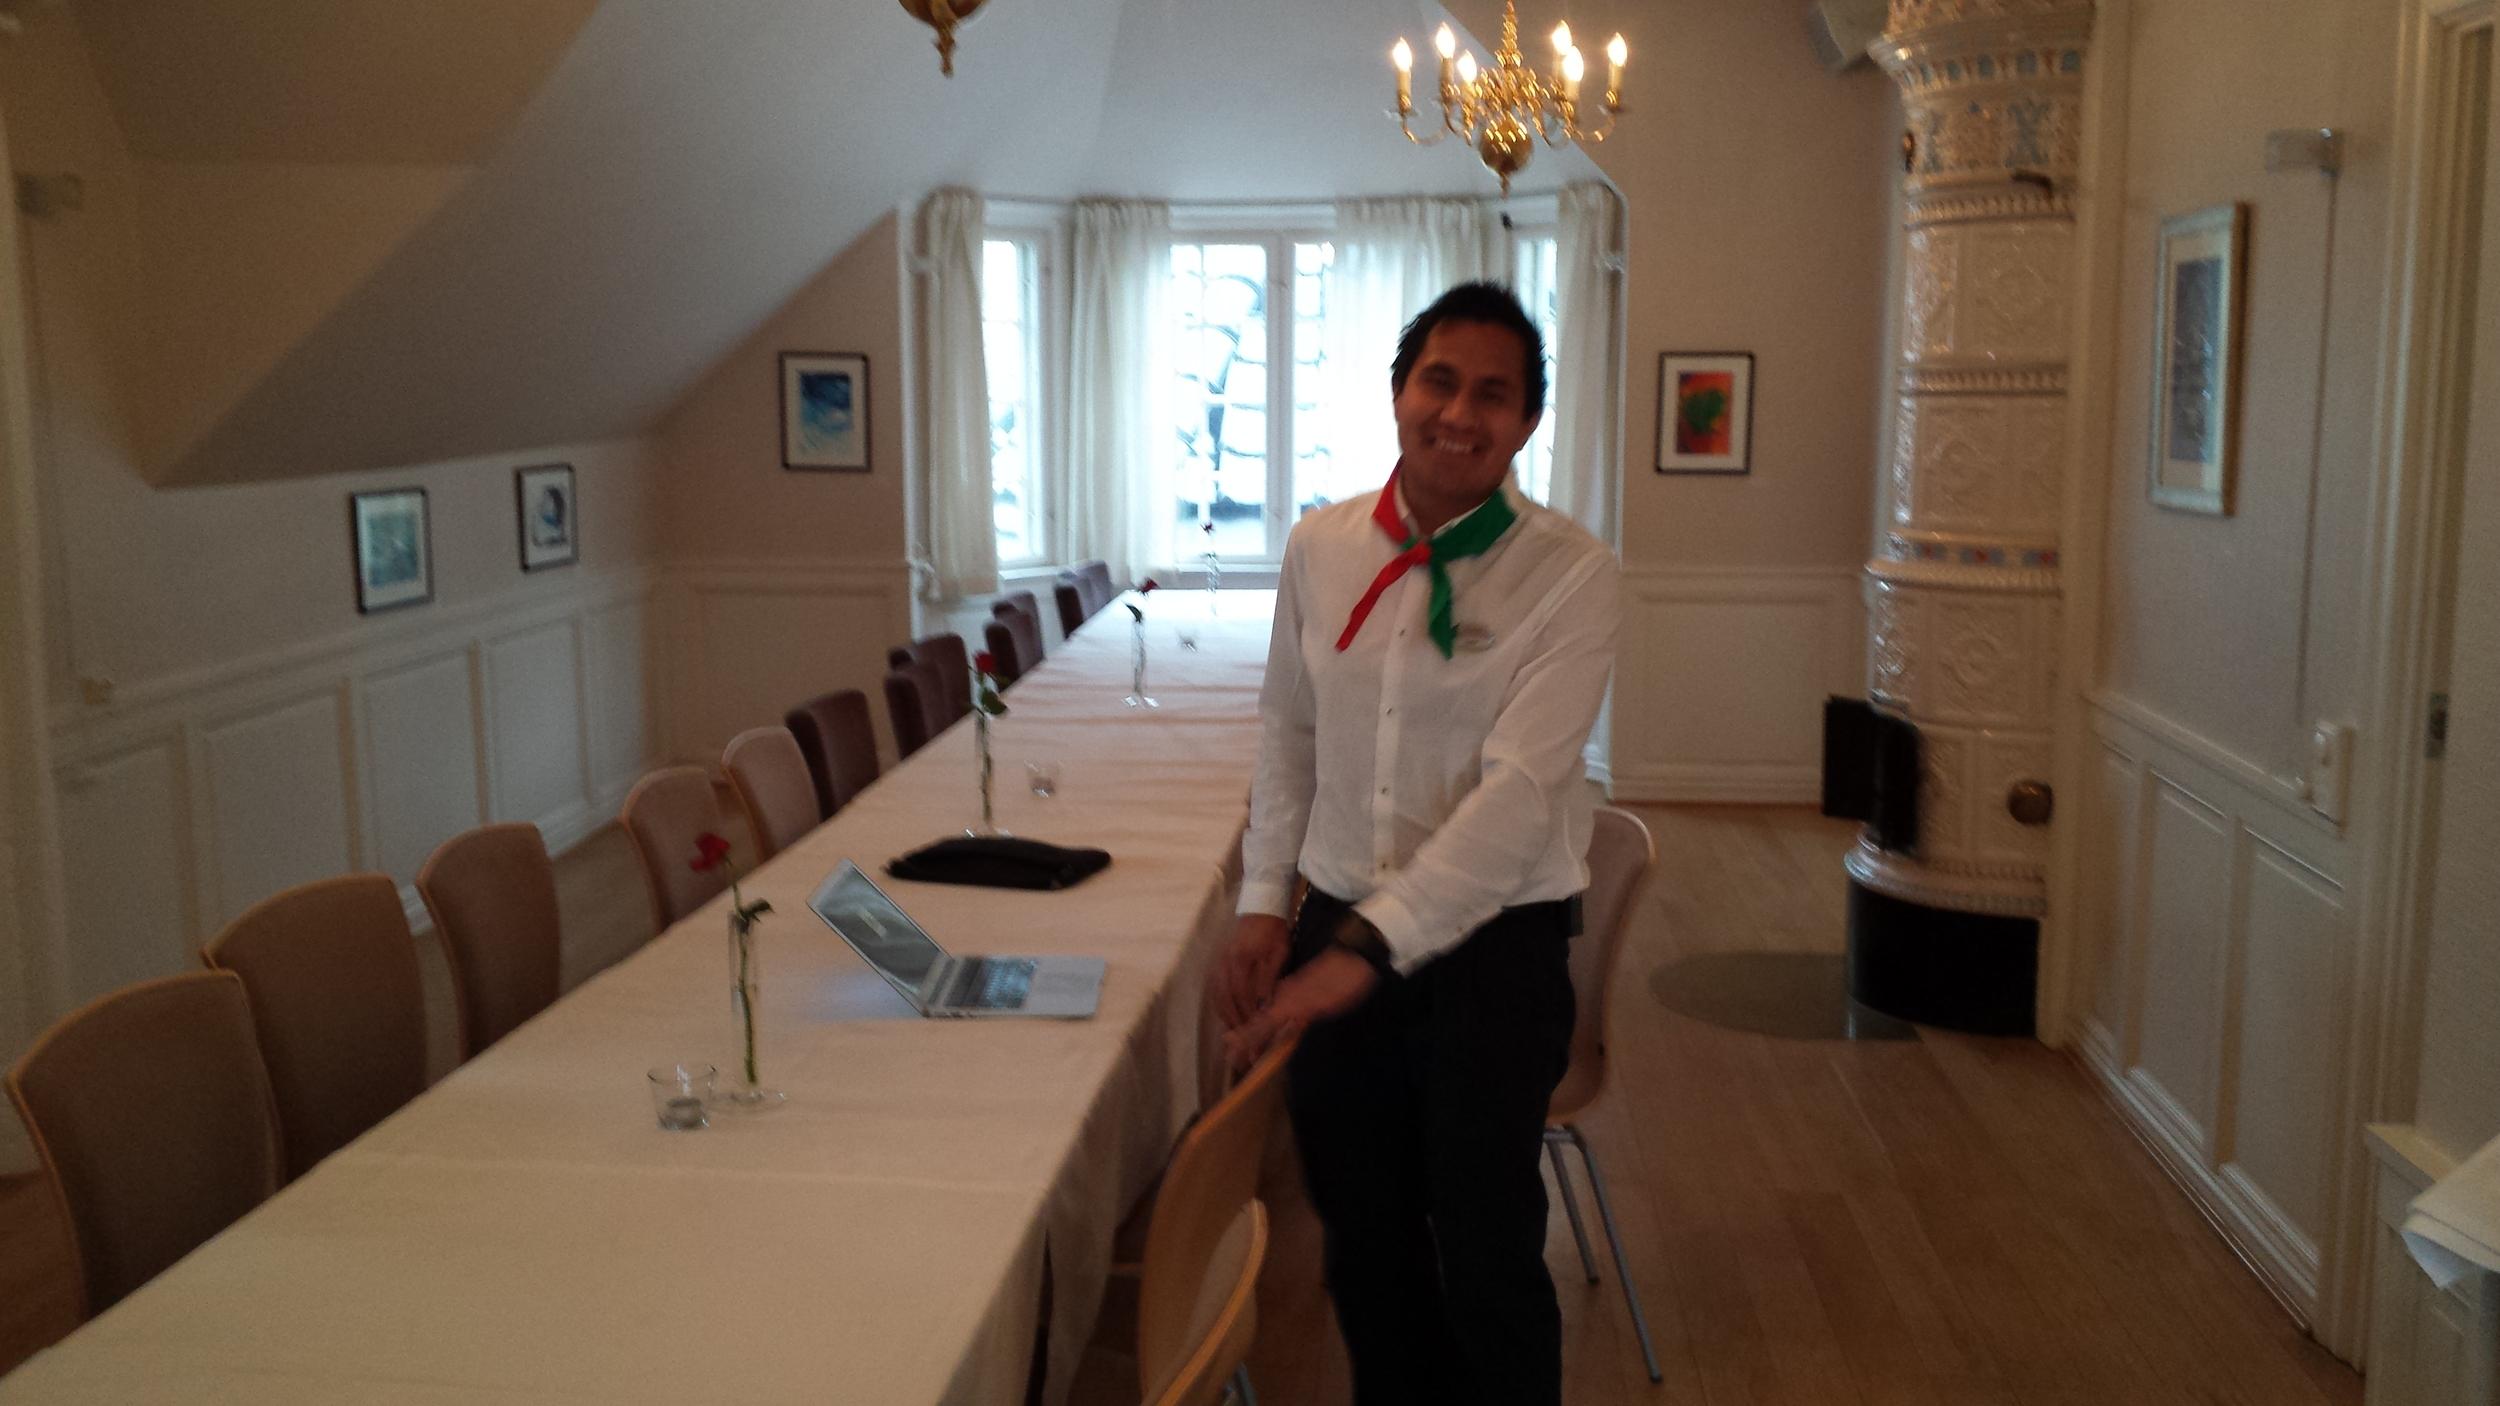 KLAR: Espen Ramiro Kallerud ønsker oss hjertelig velkommen til Jacobs koselige selskapslokaler.